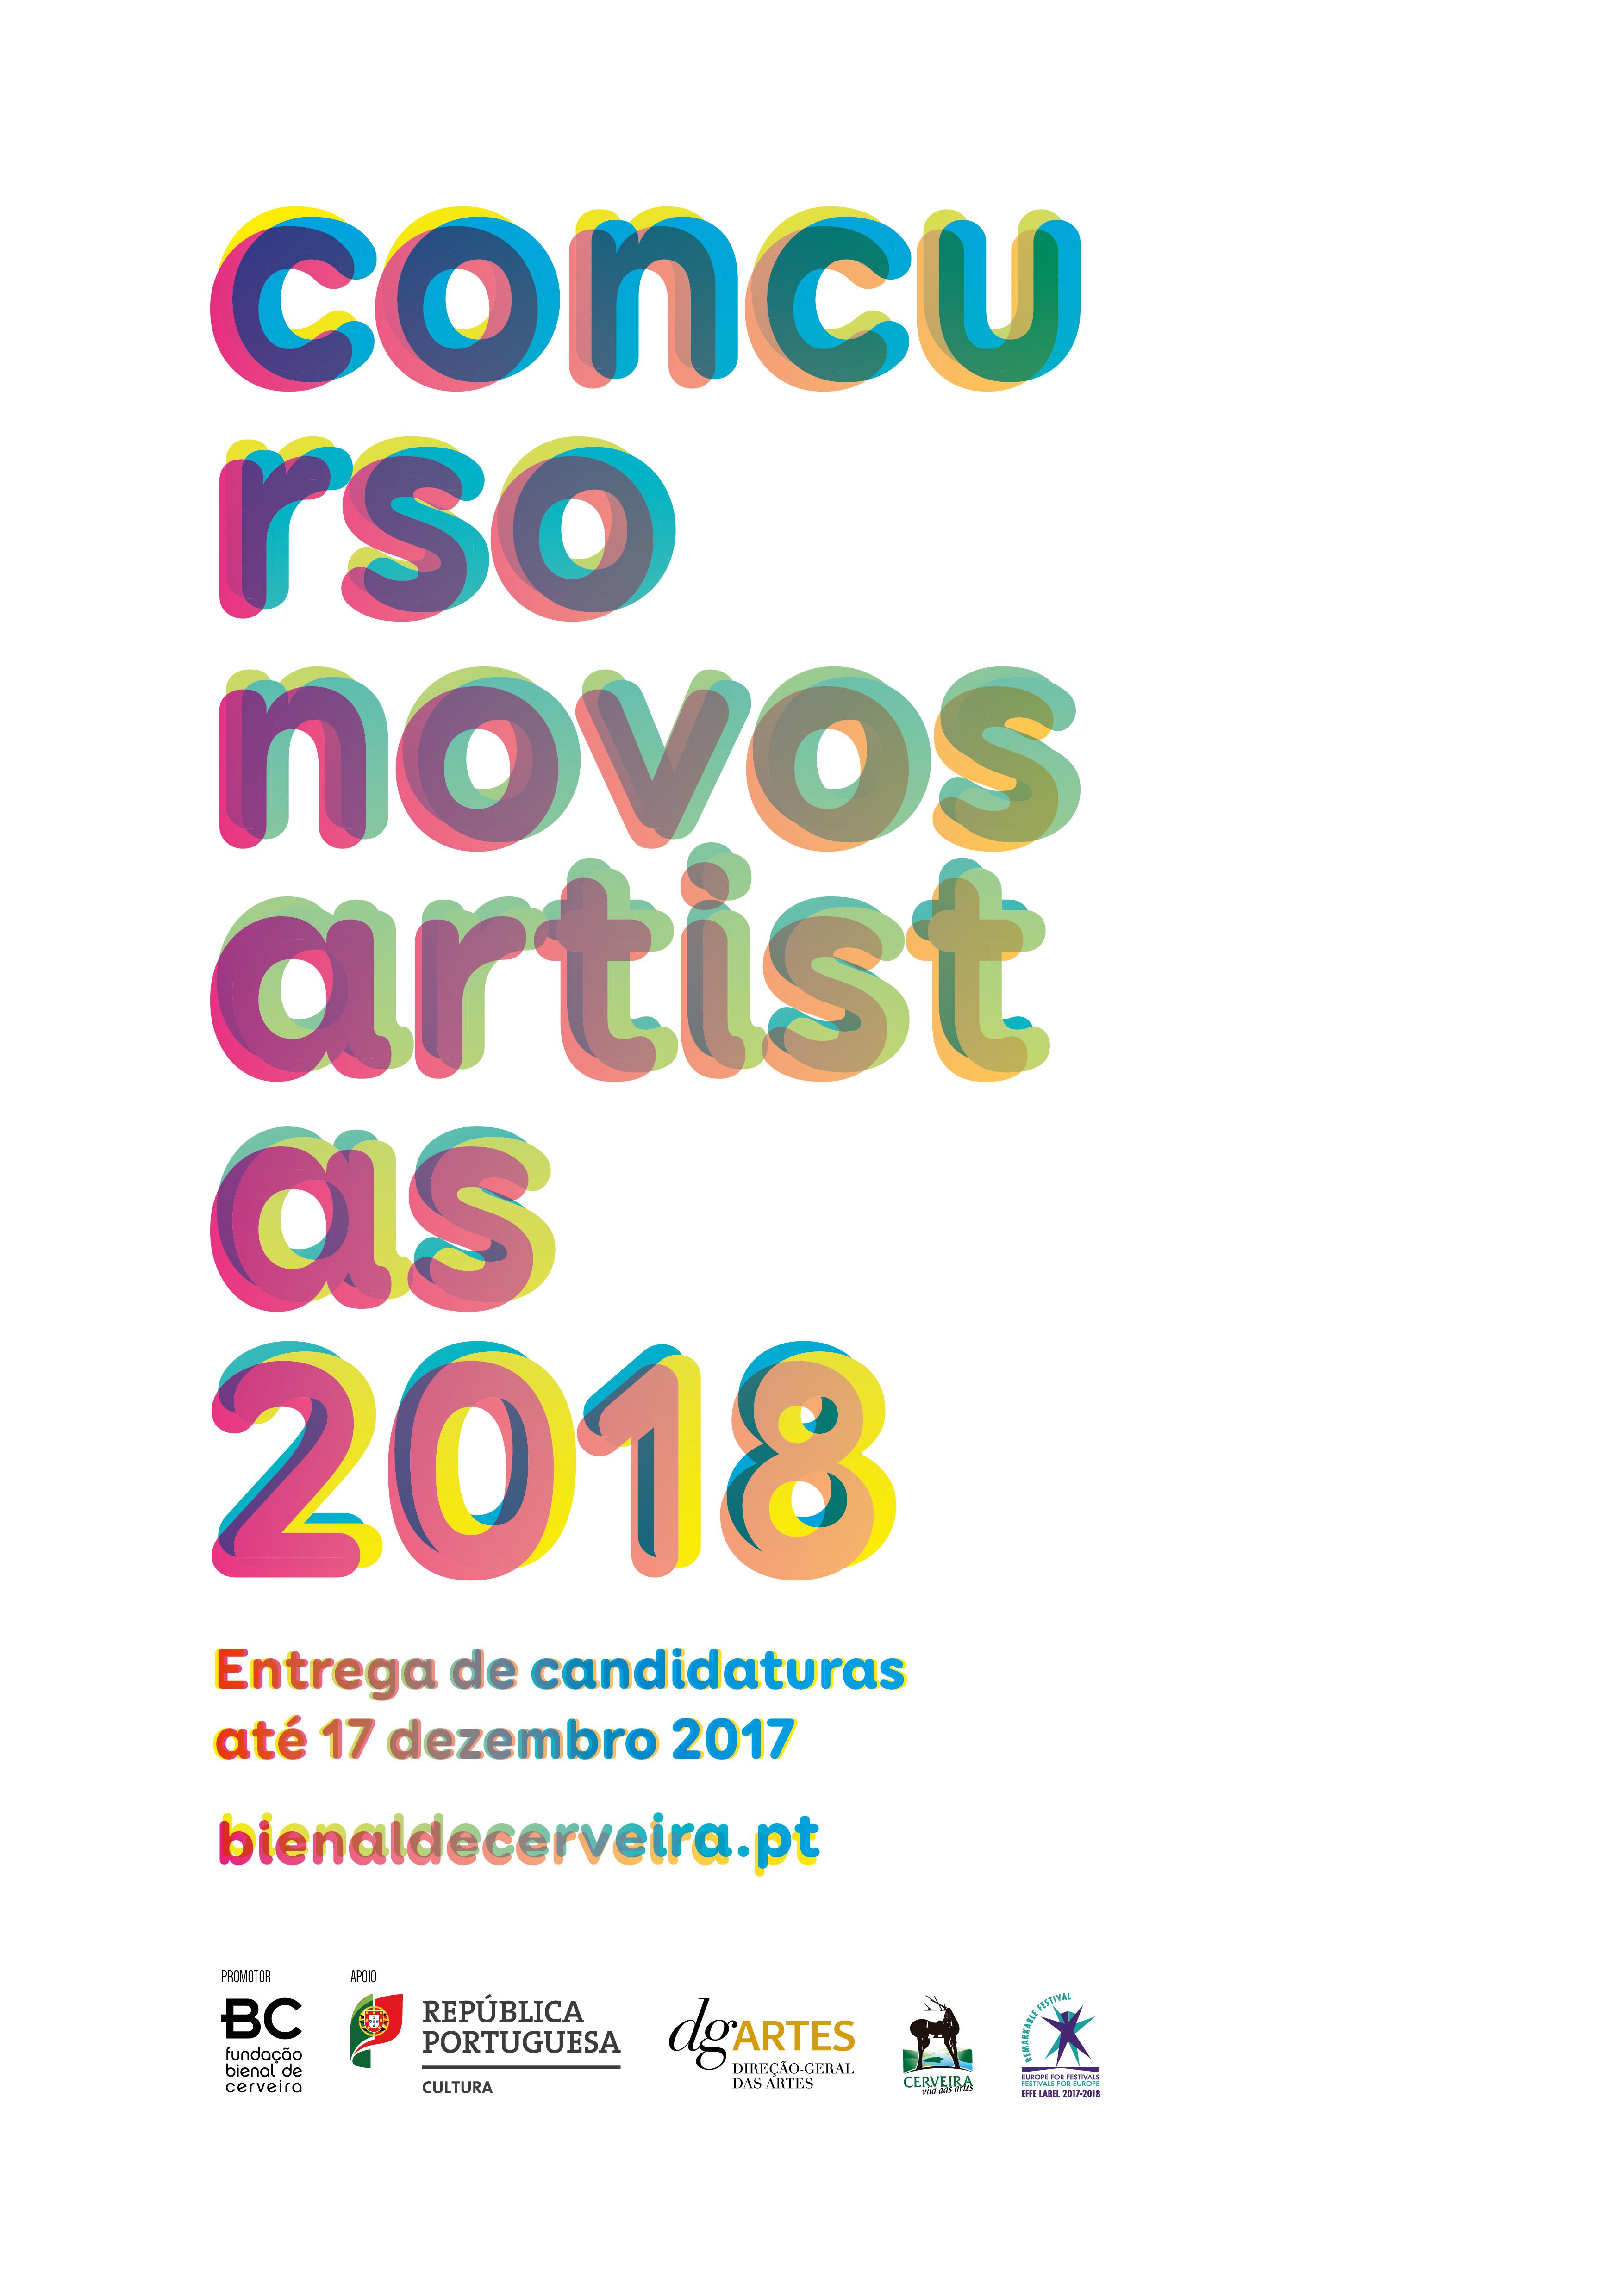 cartaz-concurso-novos-artistas-2018